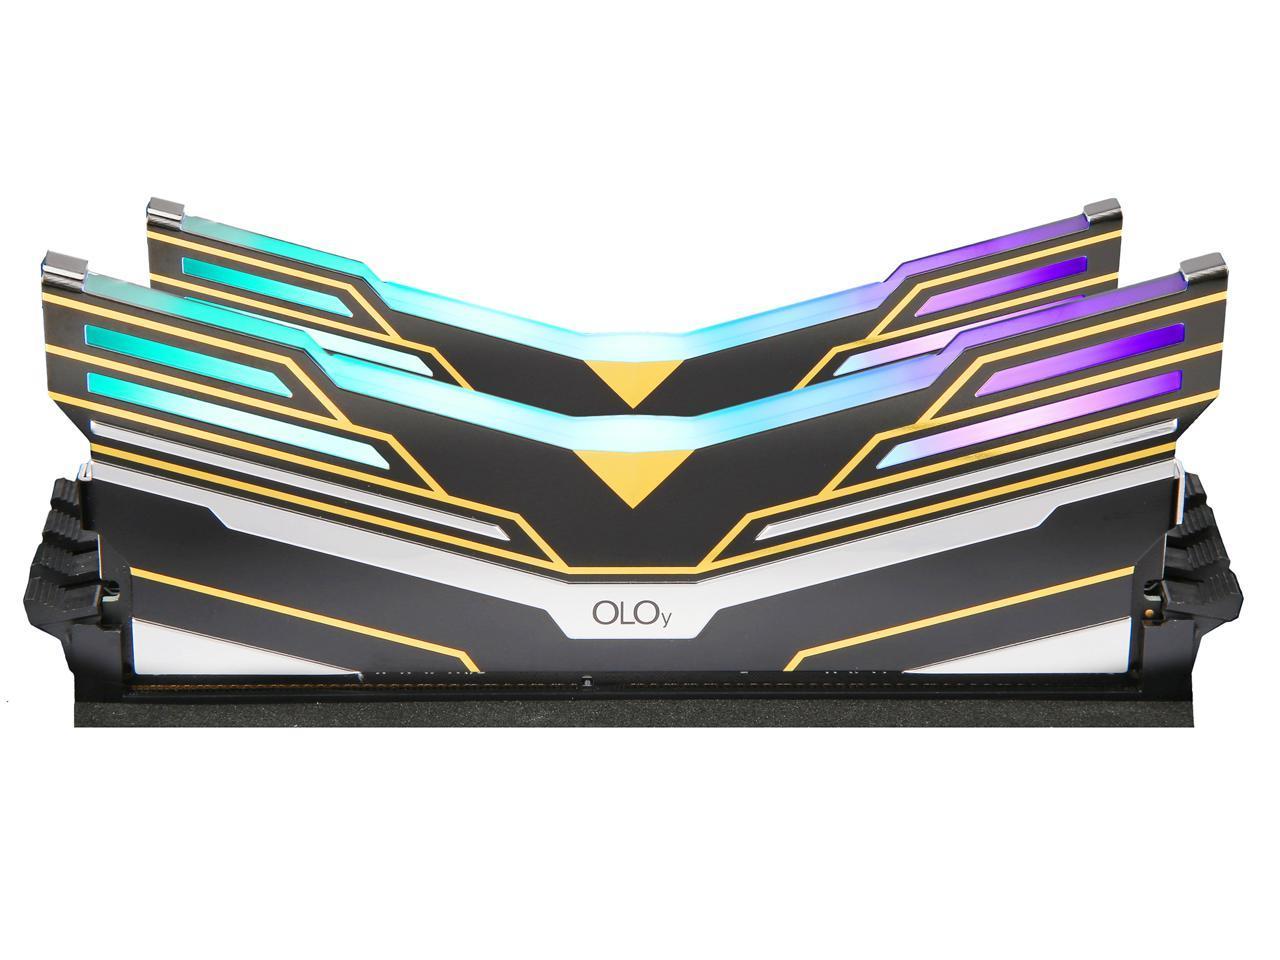 OLOy WarHawk RGB DDR4 3600 (PC4 28800) 16GB (2 x 8GB) $82.99